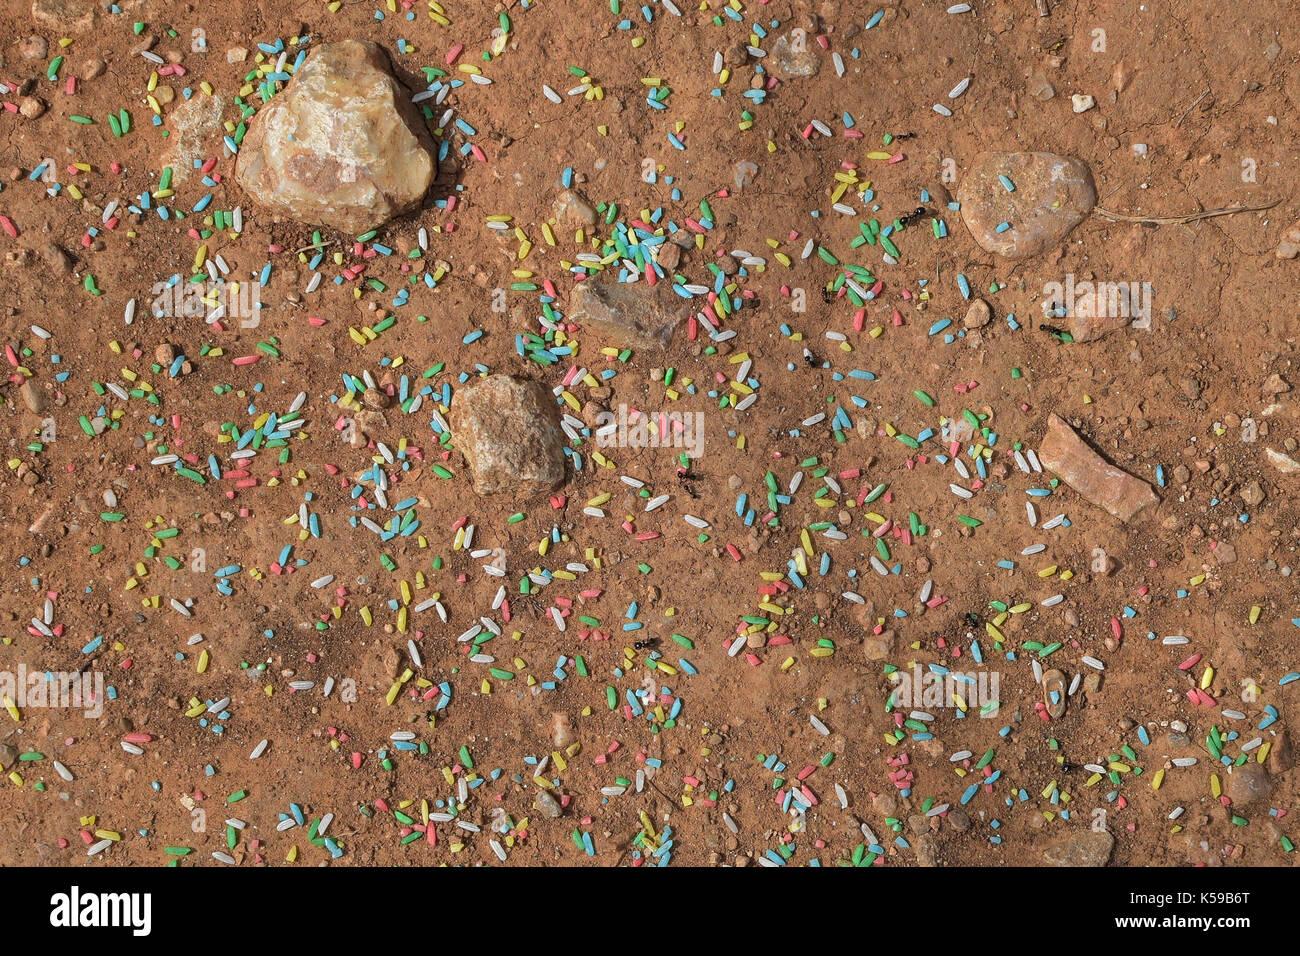 Lavoratore formiche raccolta colorato dolce spruzza. sfondo astratto. Immagini Stock